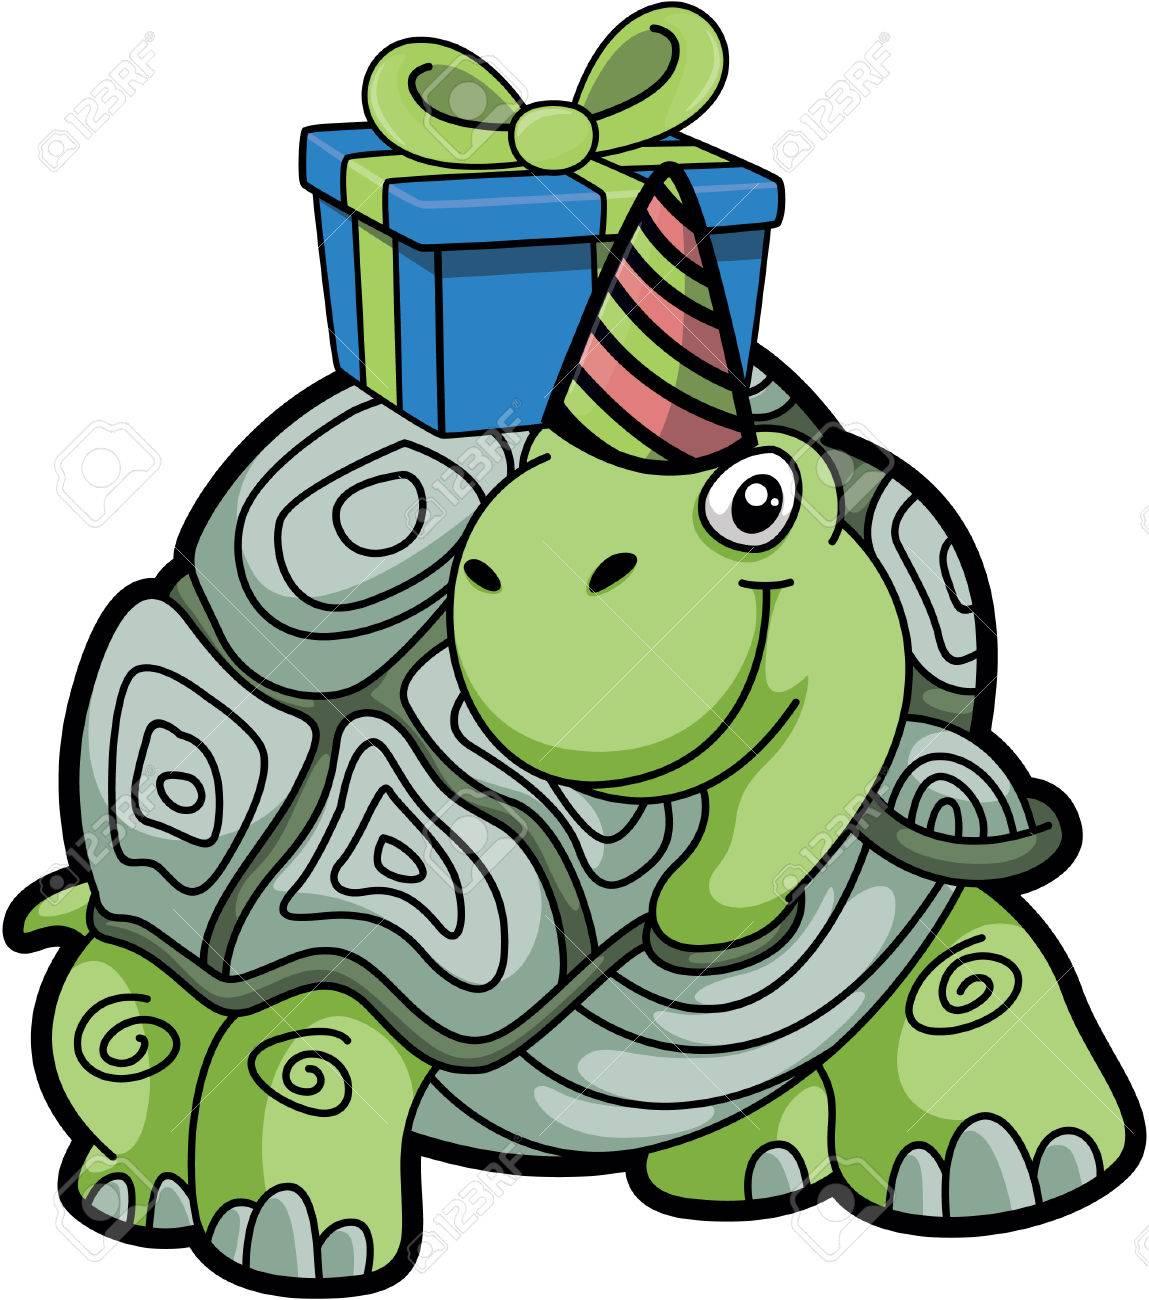 Tiere Alles Gute Zum Geburtstag Schildkrote Lizenzfrei Nutzbare